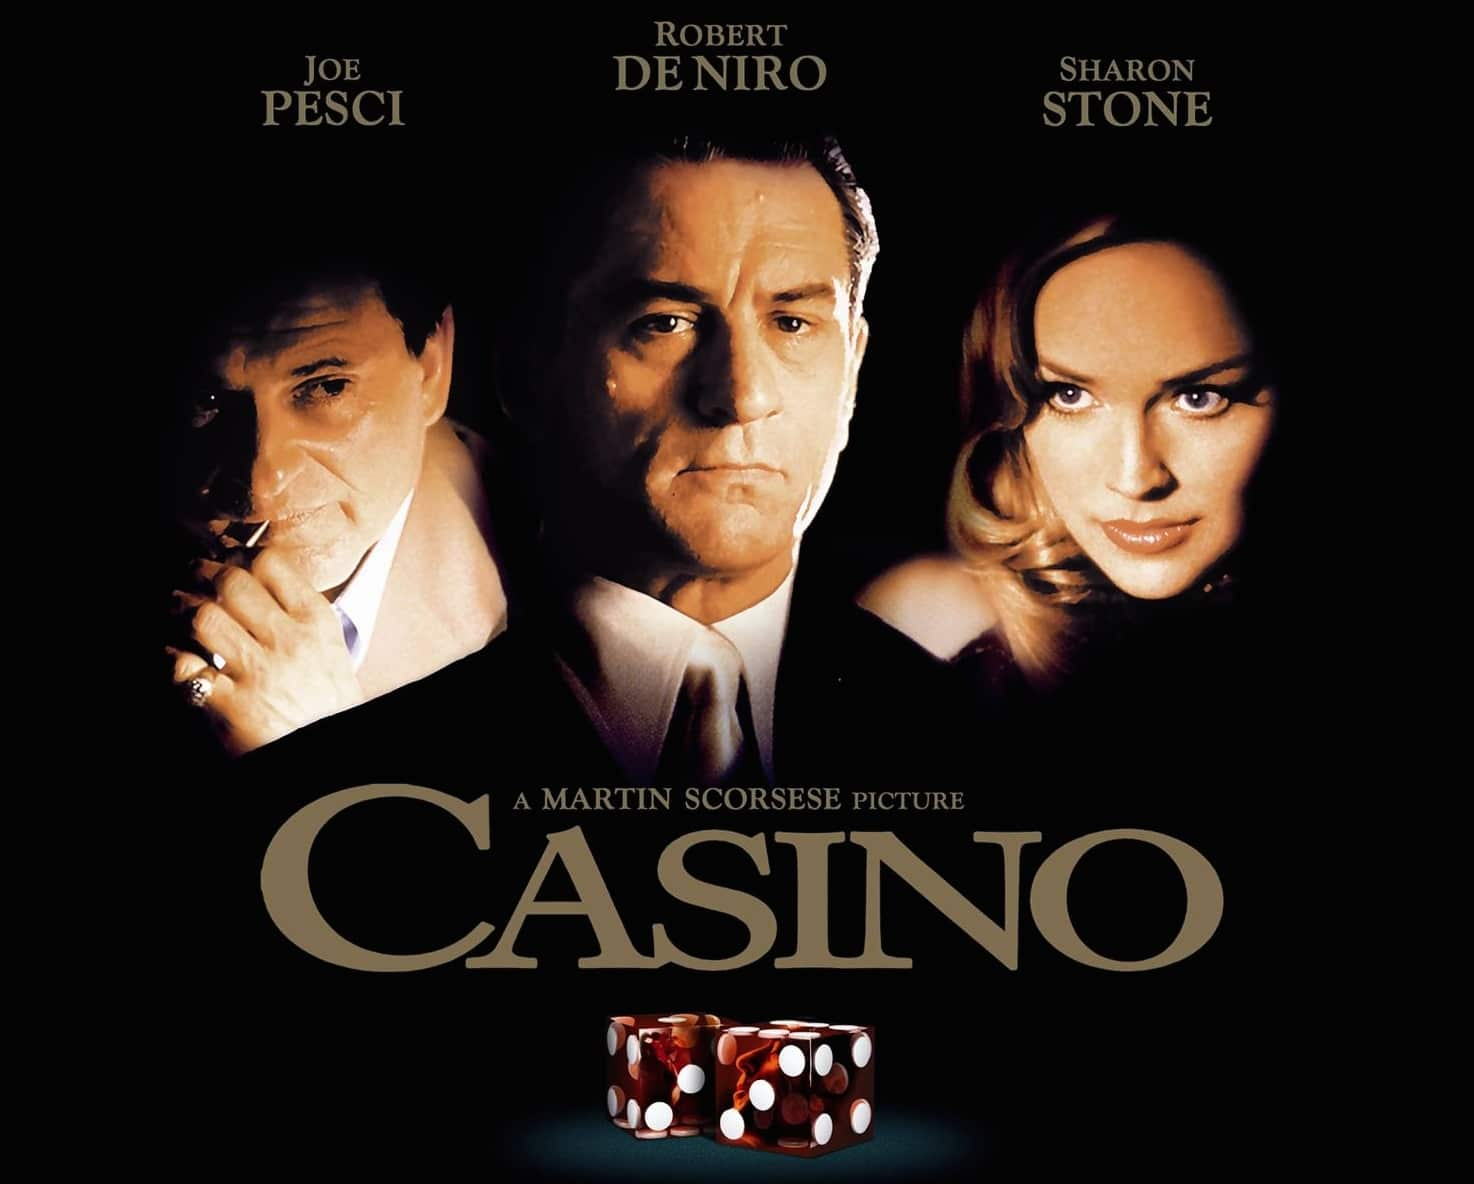 Casinoo